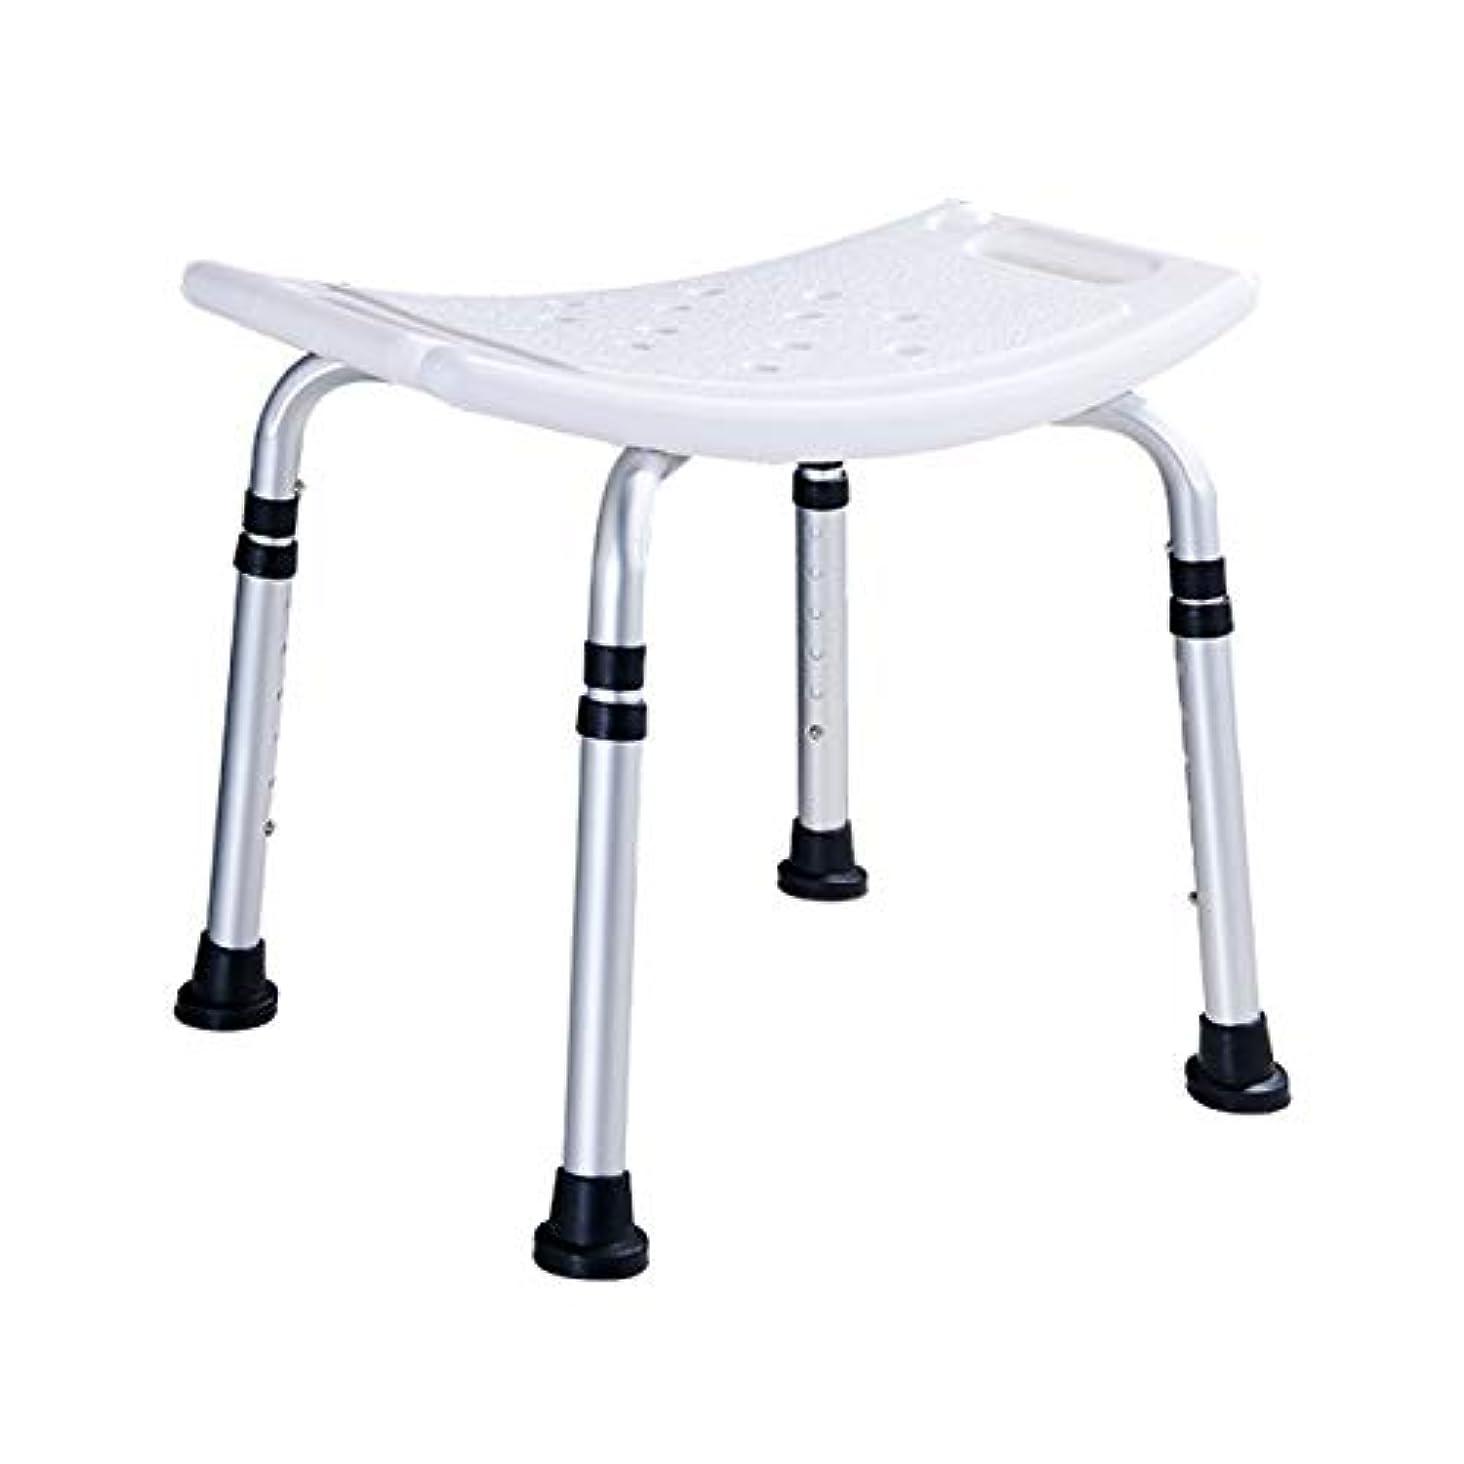 甘味正気自分自身浴槽/シャワーチェア、高さ調節可能な脚付きバスルームシート、エルゴノミックスツール排水管スリップ成人/高齢者/身体障害者